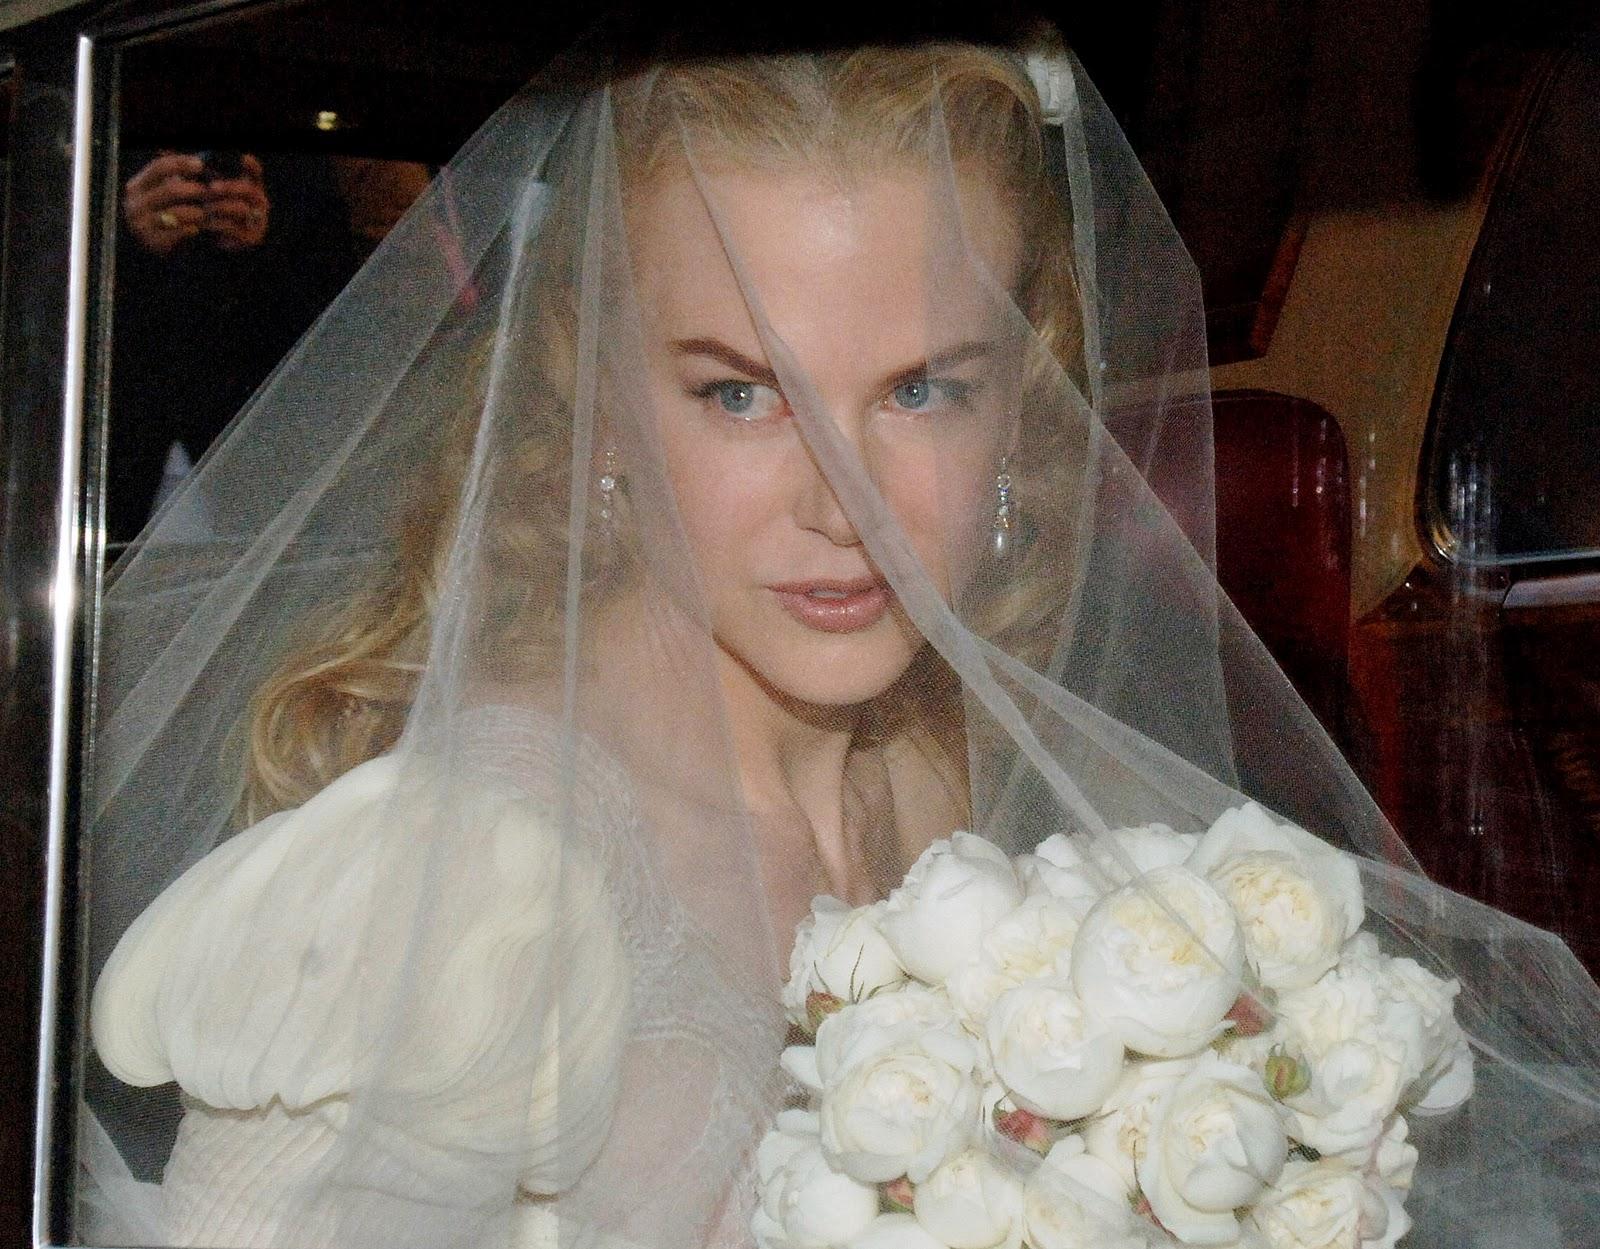 http://4.bp.blogspot.com/_WDCWEjl45FQ/TUNiYWH4eSI/AAAAAAAADwo/OA3uawVQTjA/s1600/nicole-kidman-wedding-01.jpg